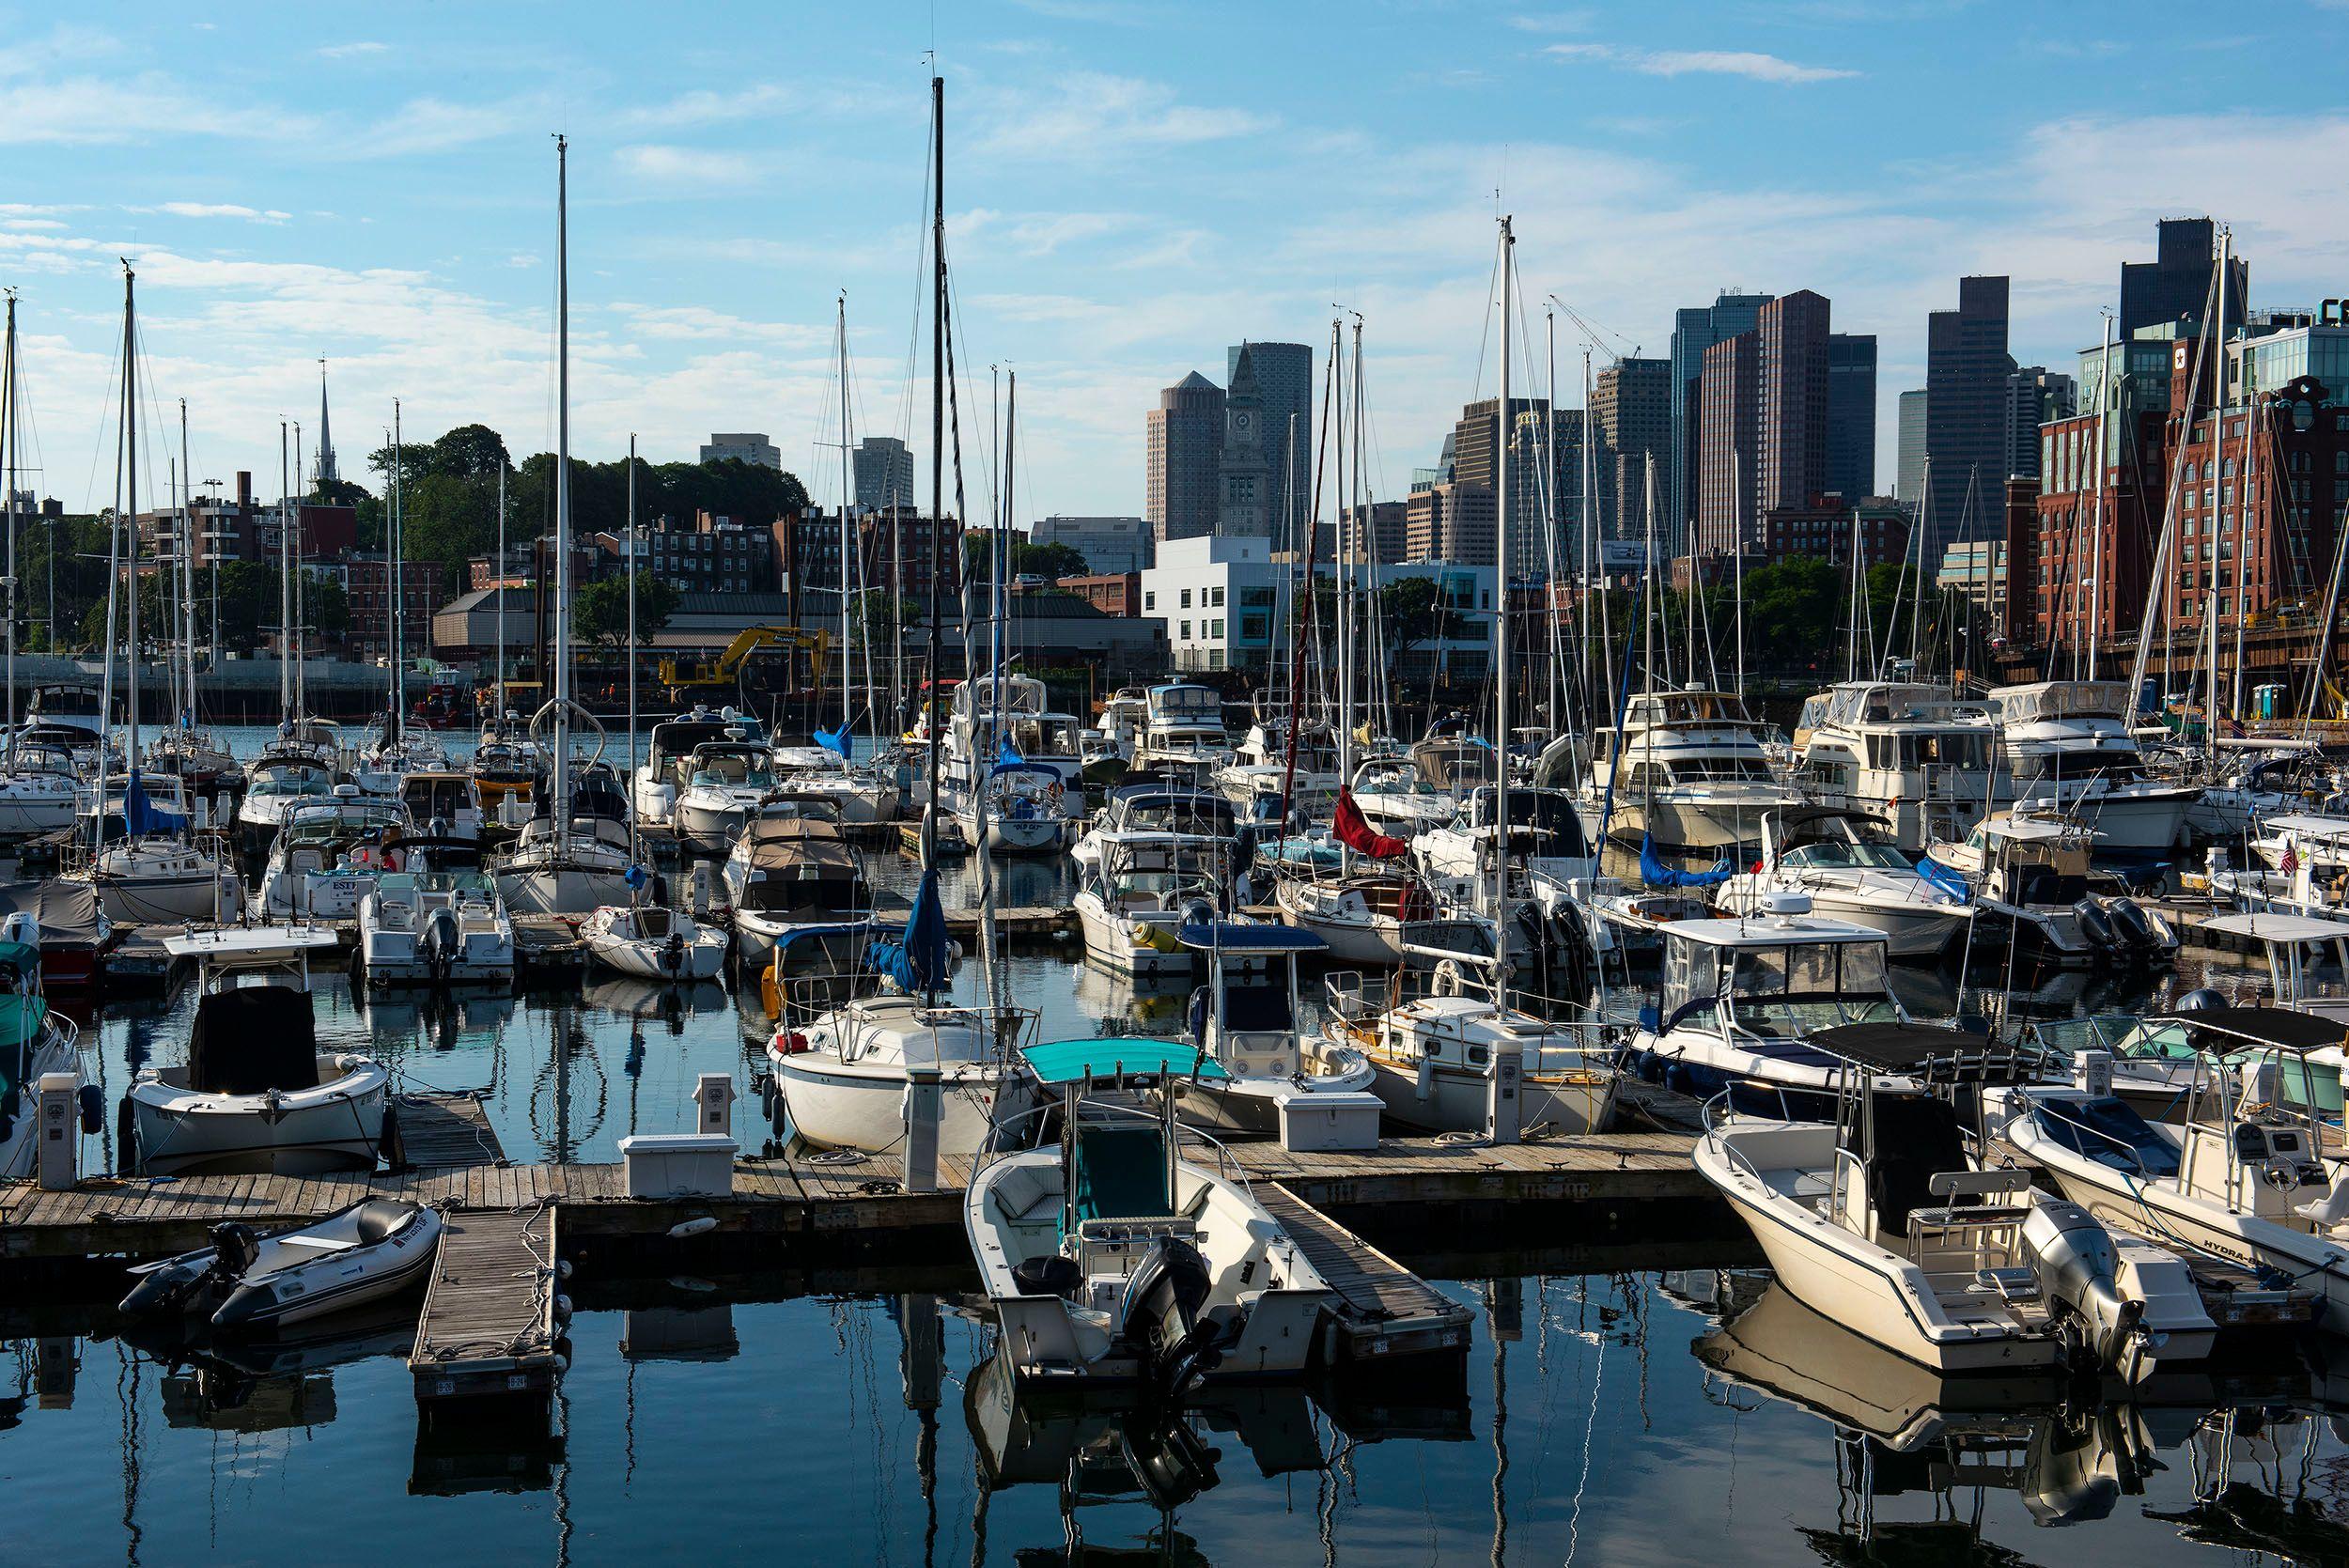 Boston Marina with Boats